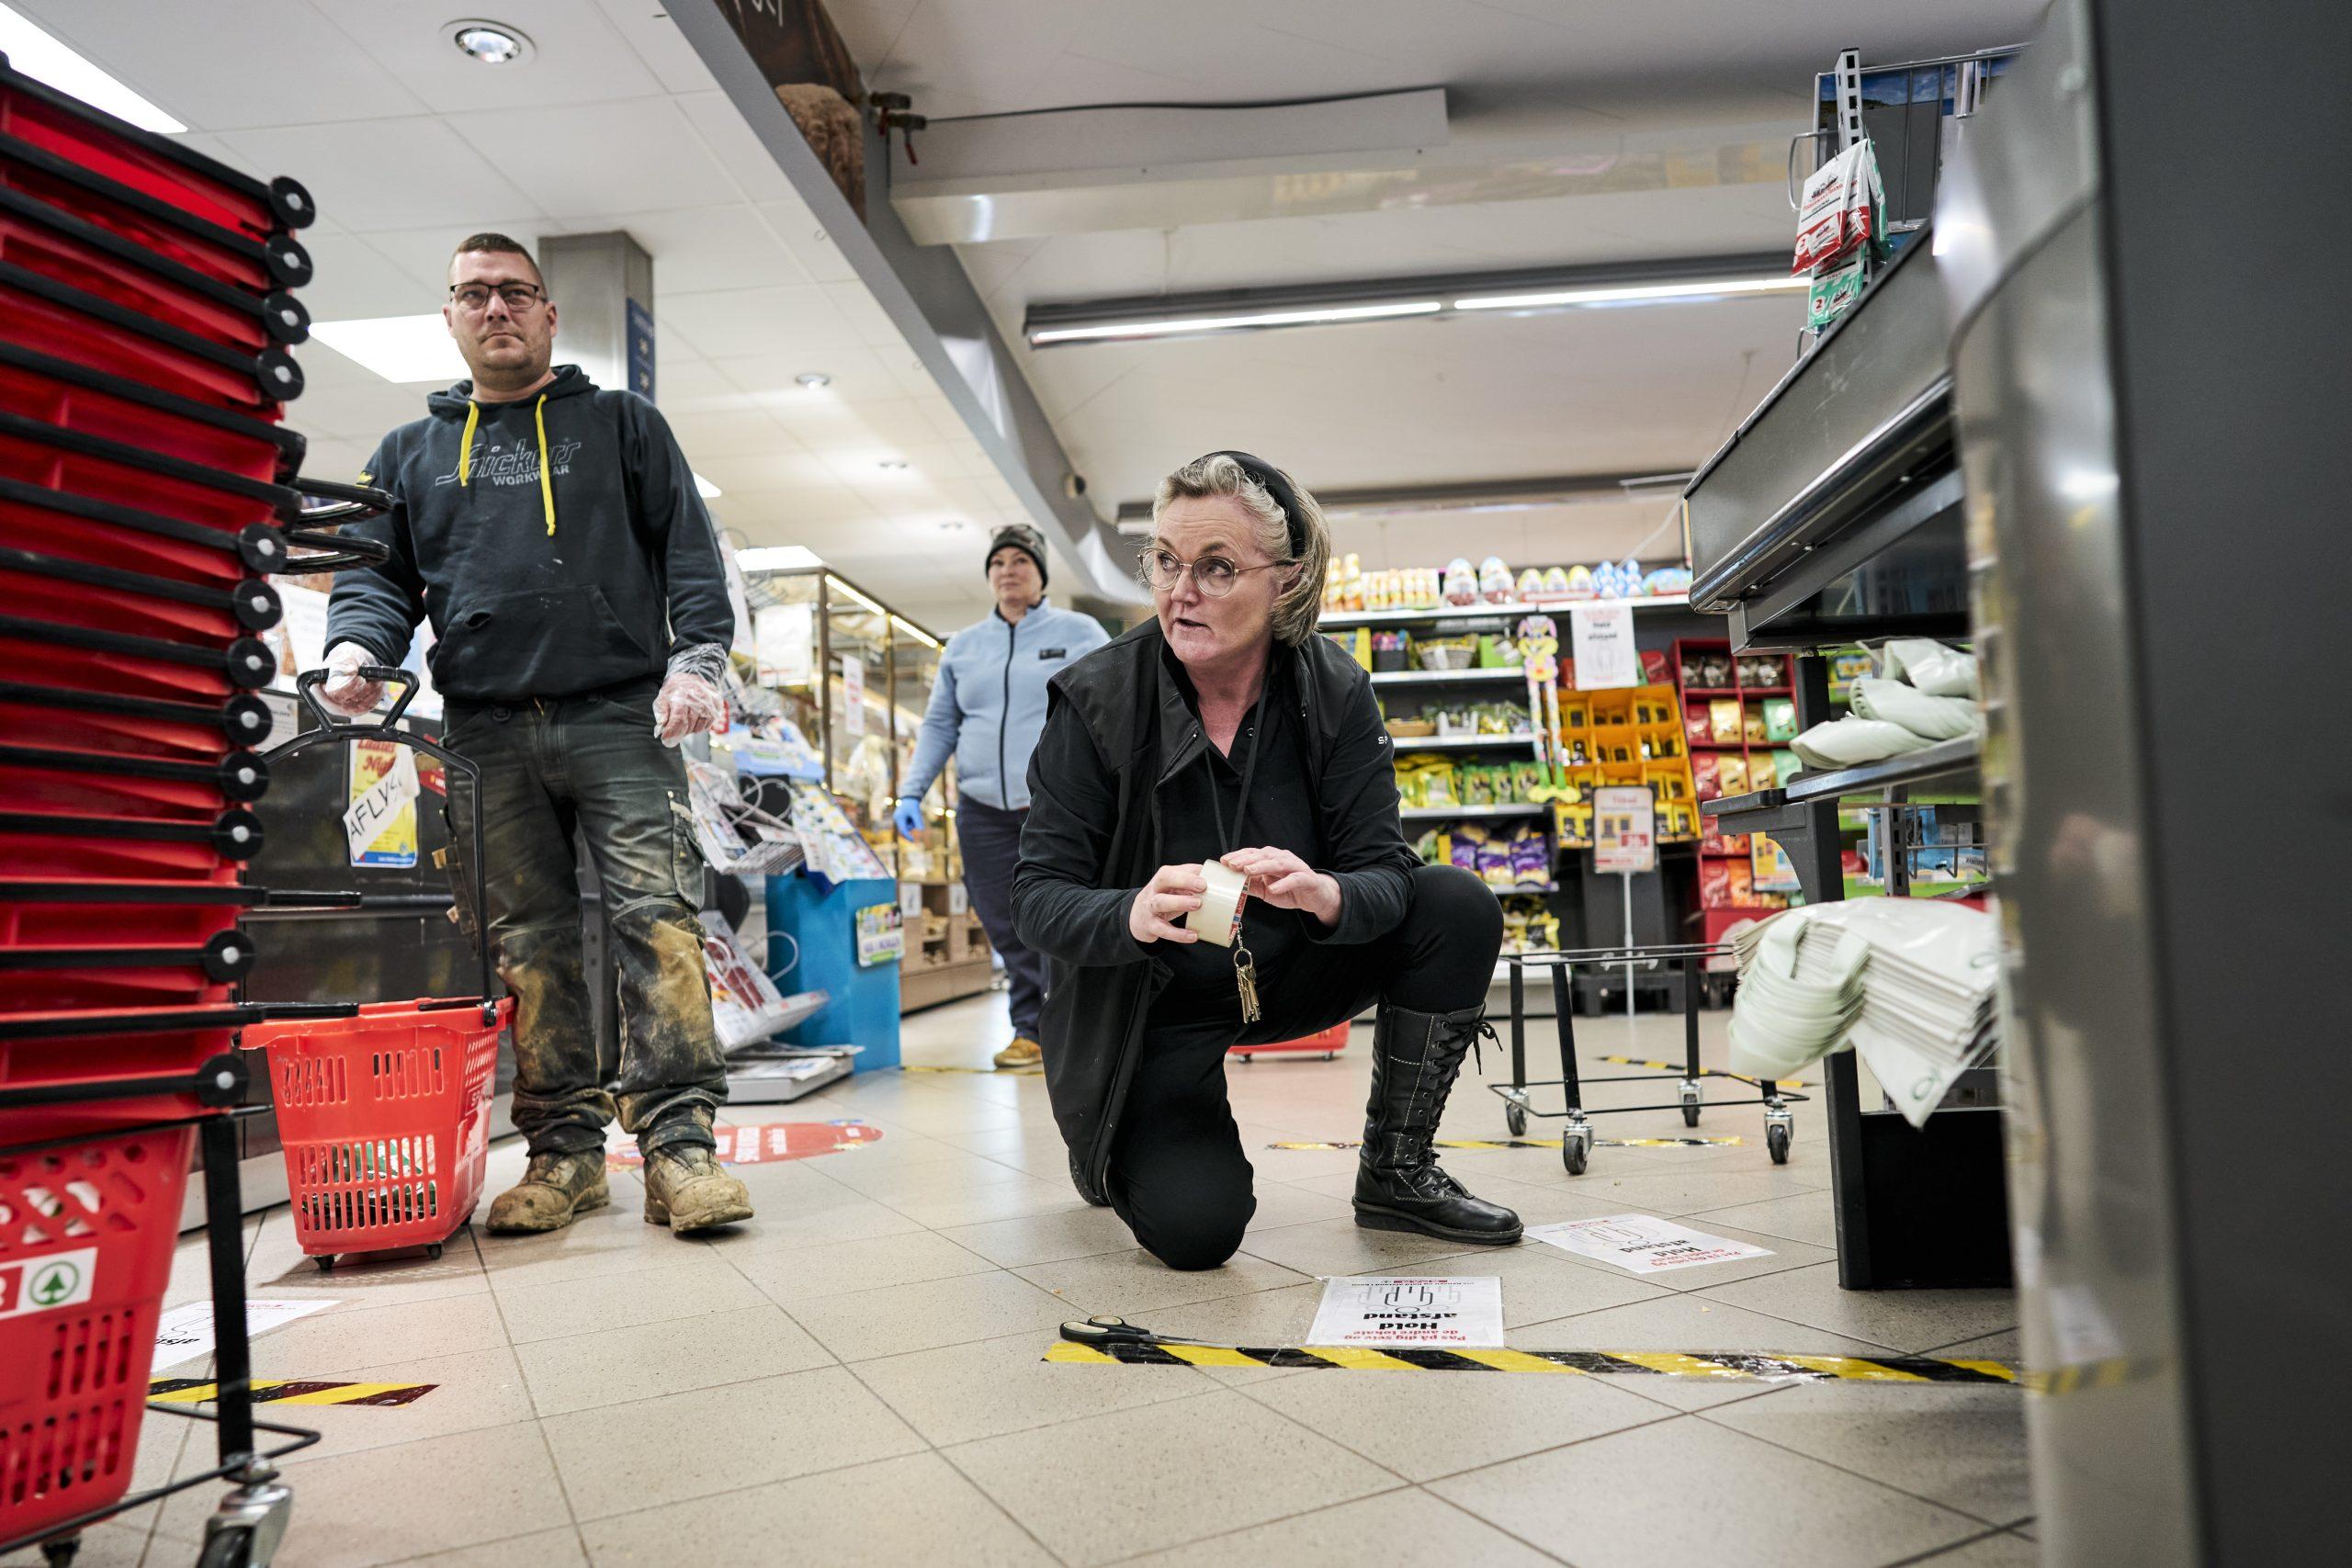 Købmand har stillet handsker frem som SKAL anvendes når man handler. Og initiativer med bl.a. diskretionslinjer på gulvene ved kasserne.  Pia Støttrup, købmand i Spar i Skals.